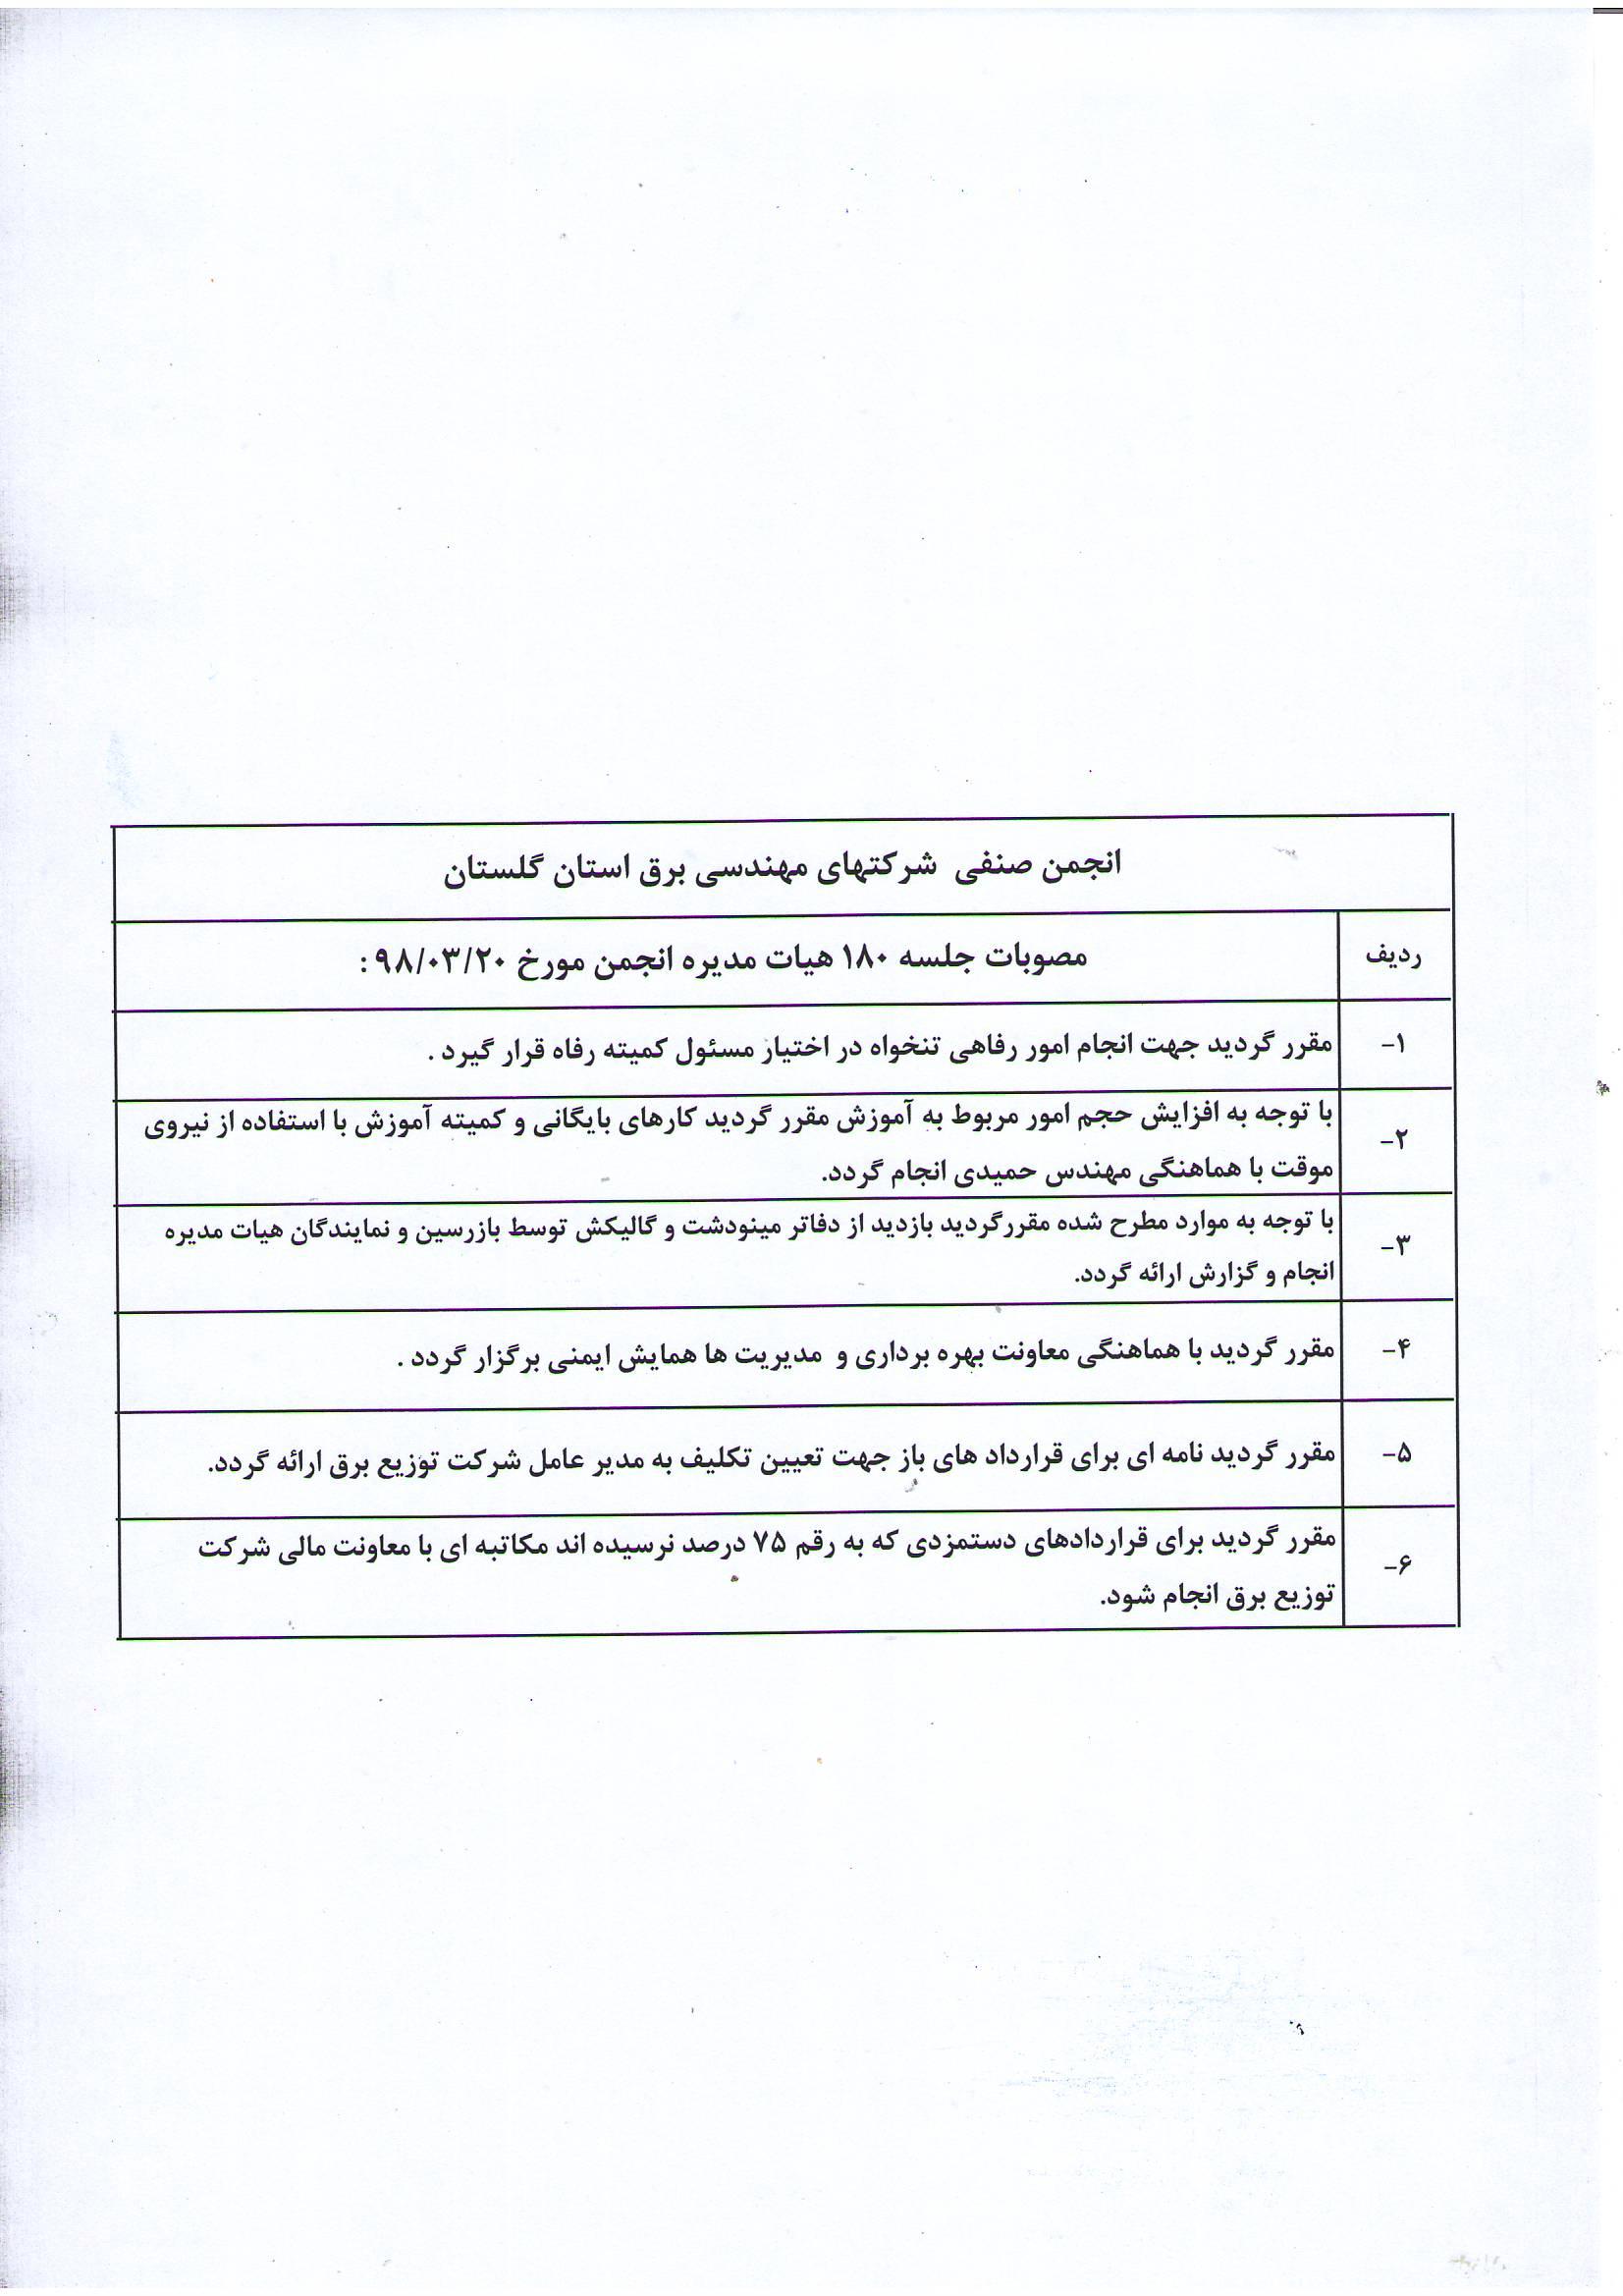 جلسه هیات مدیره مورخ 98/03/20